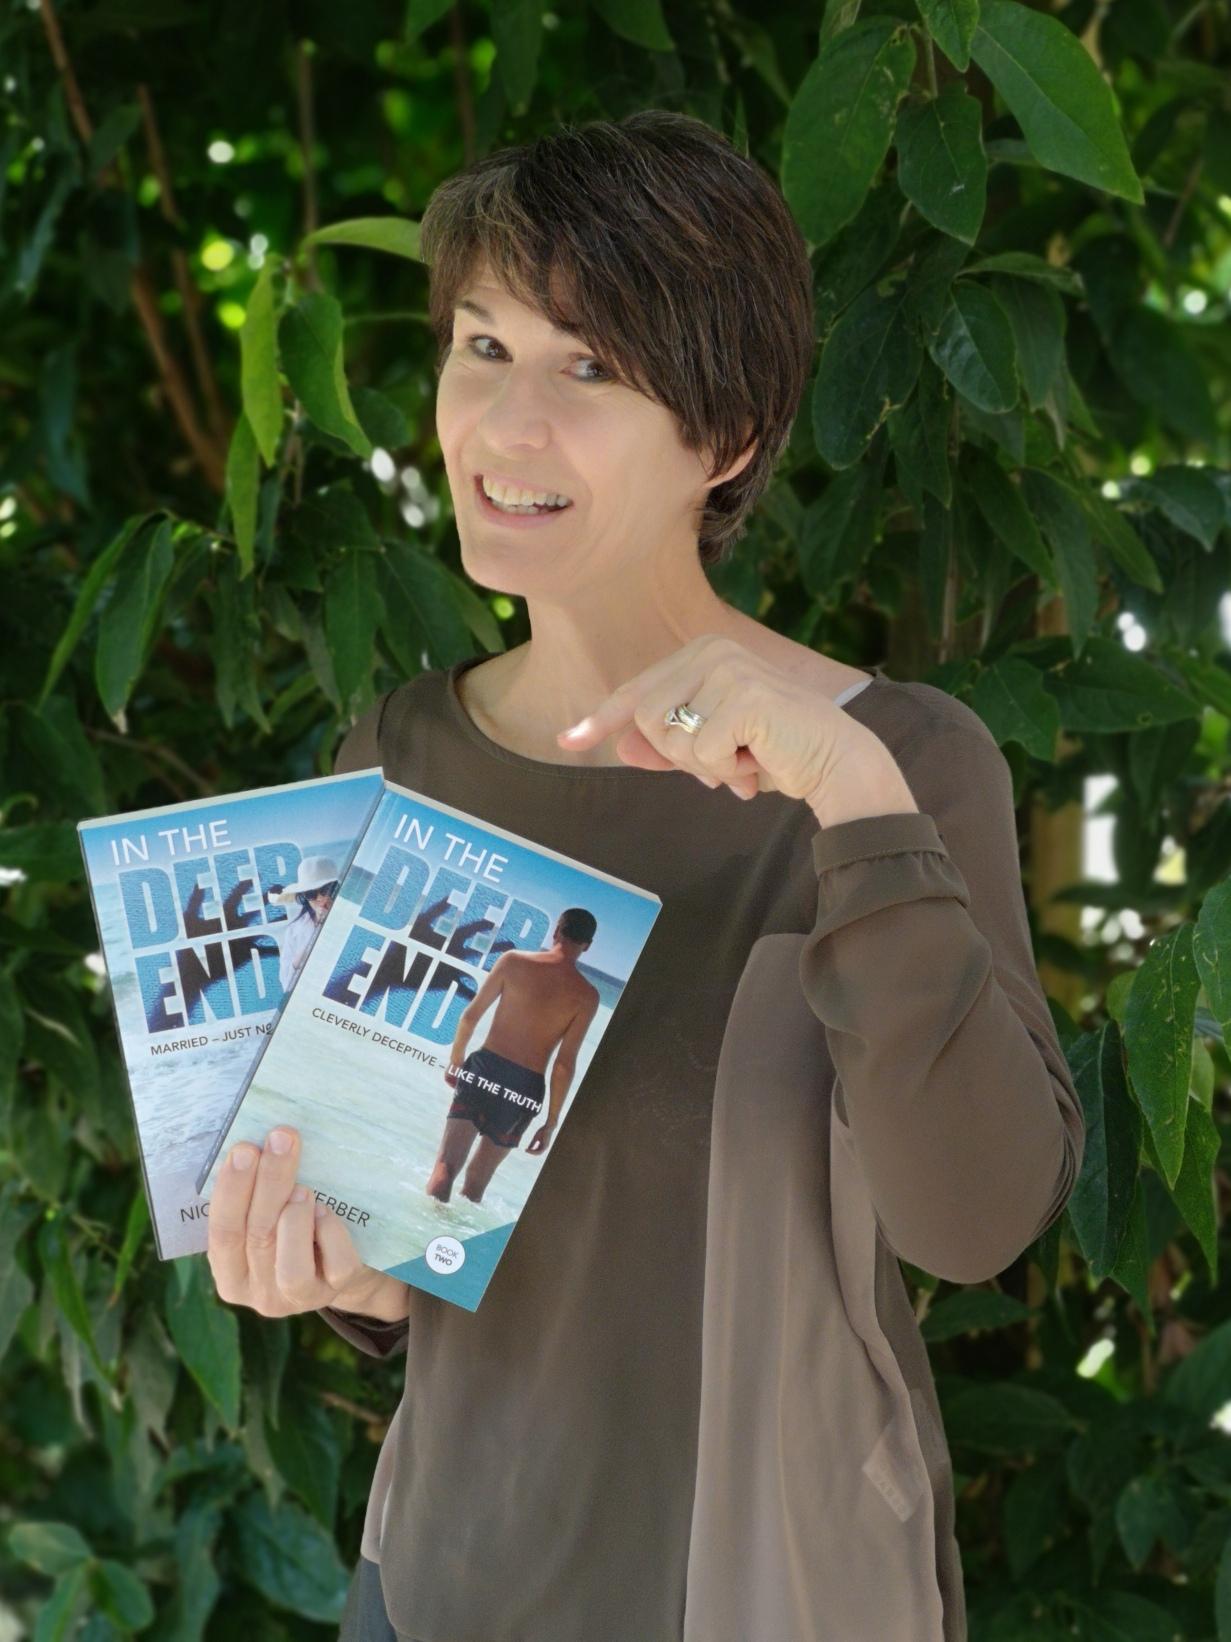 Author Nicky Webber